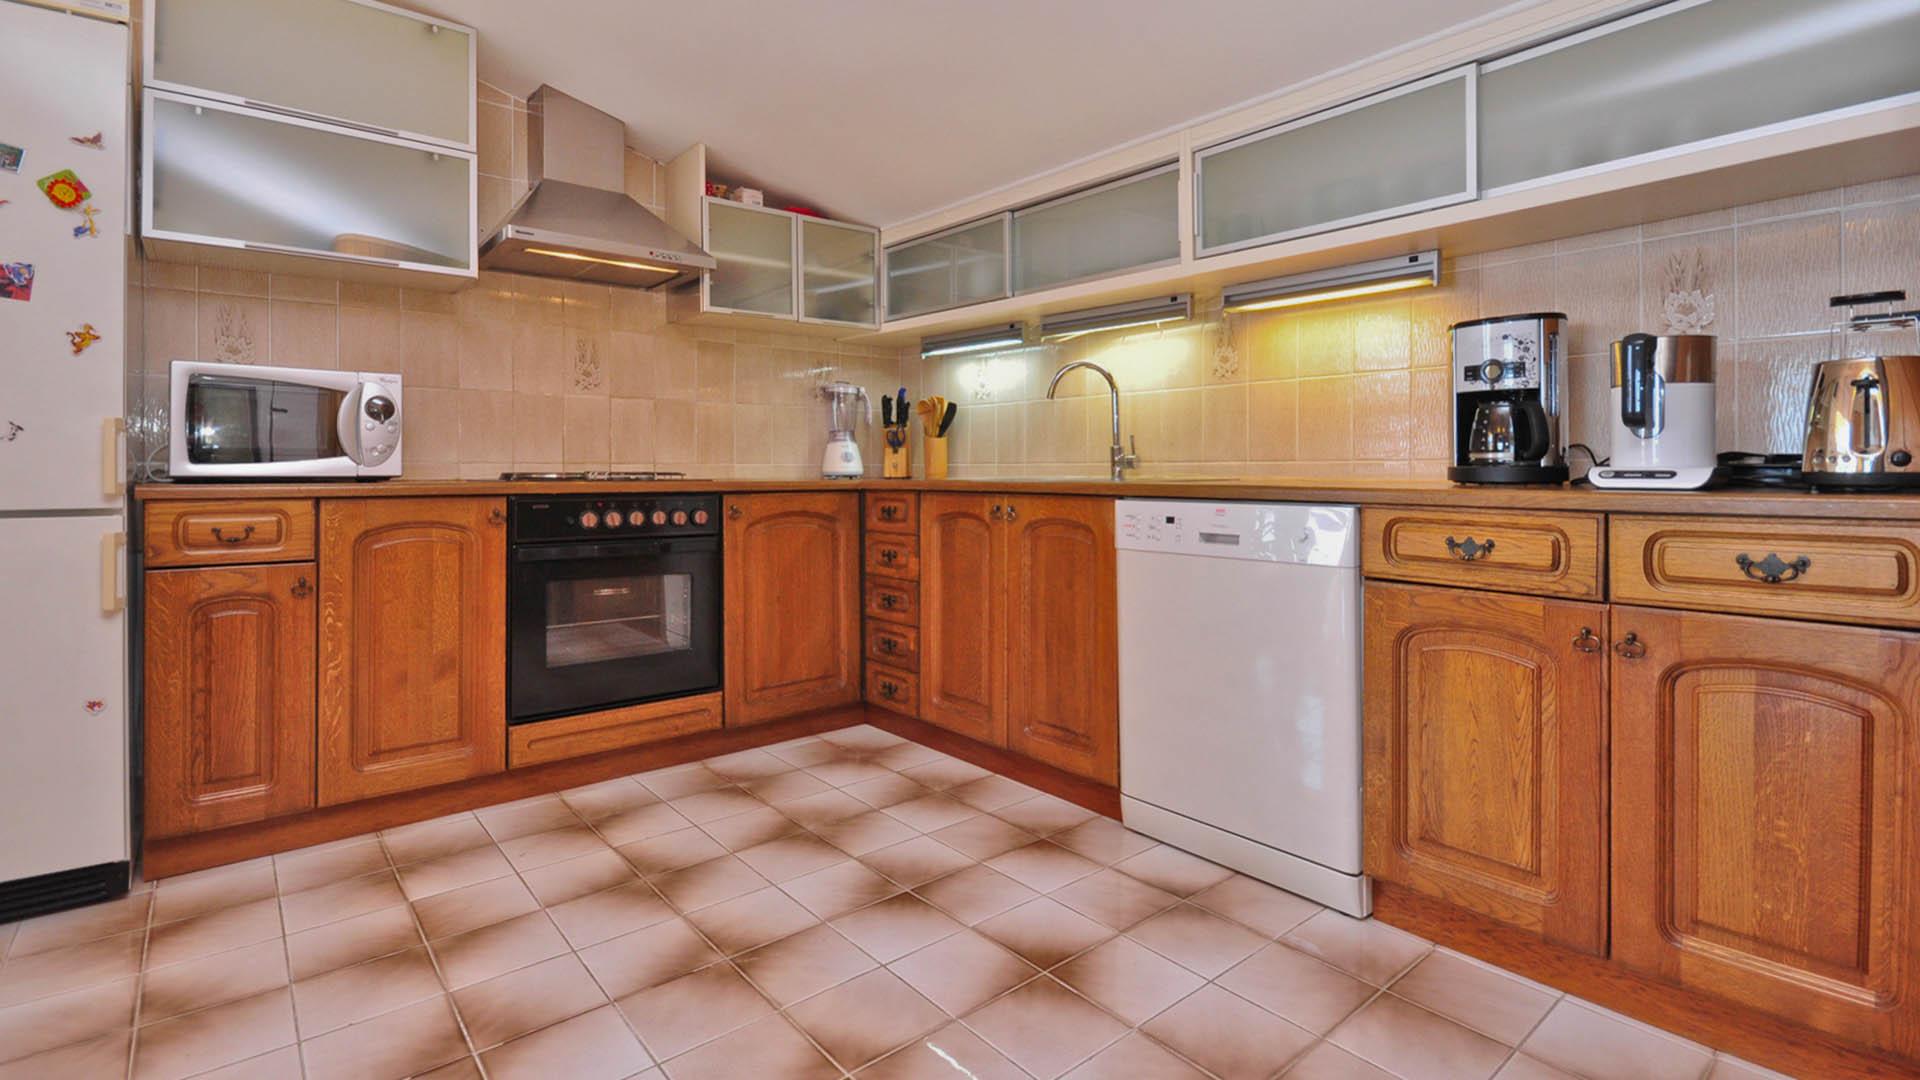 Omiš apartmani zorka deluxe apartman kuhinja